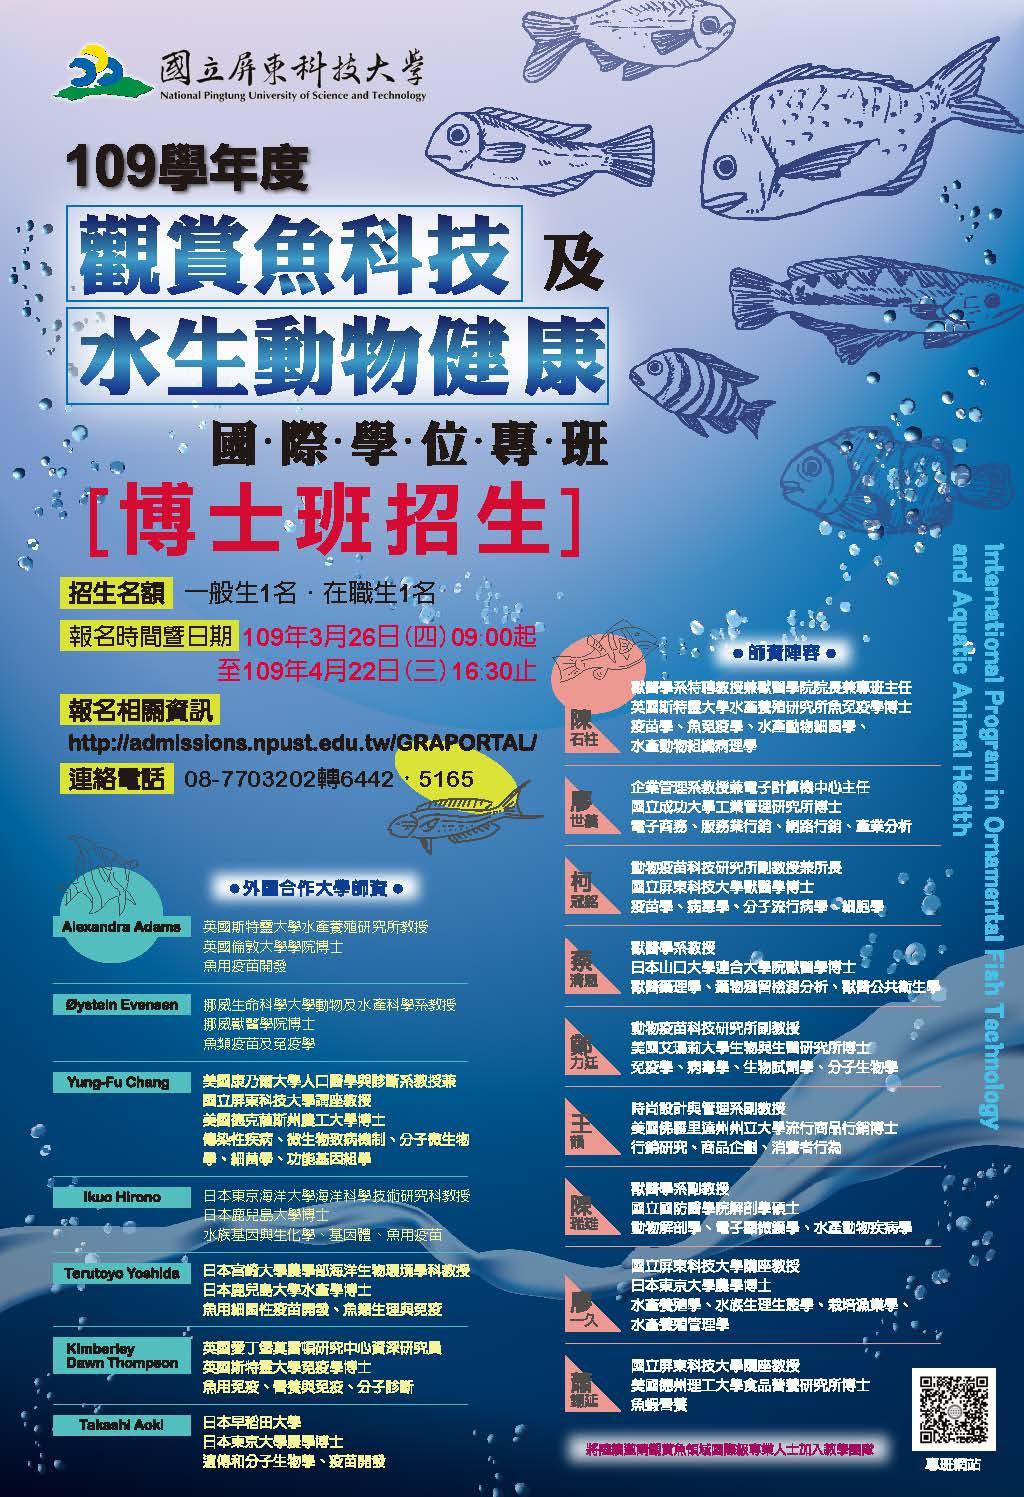 觀賞魚科技及水生動物健康國際學位專班【109學年度博士班甄試】